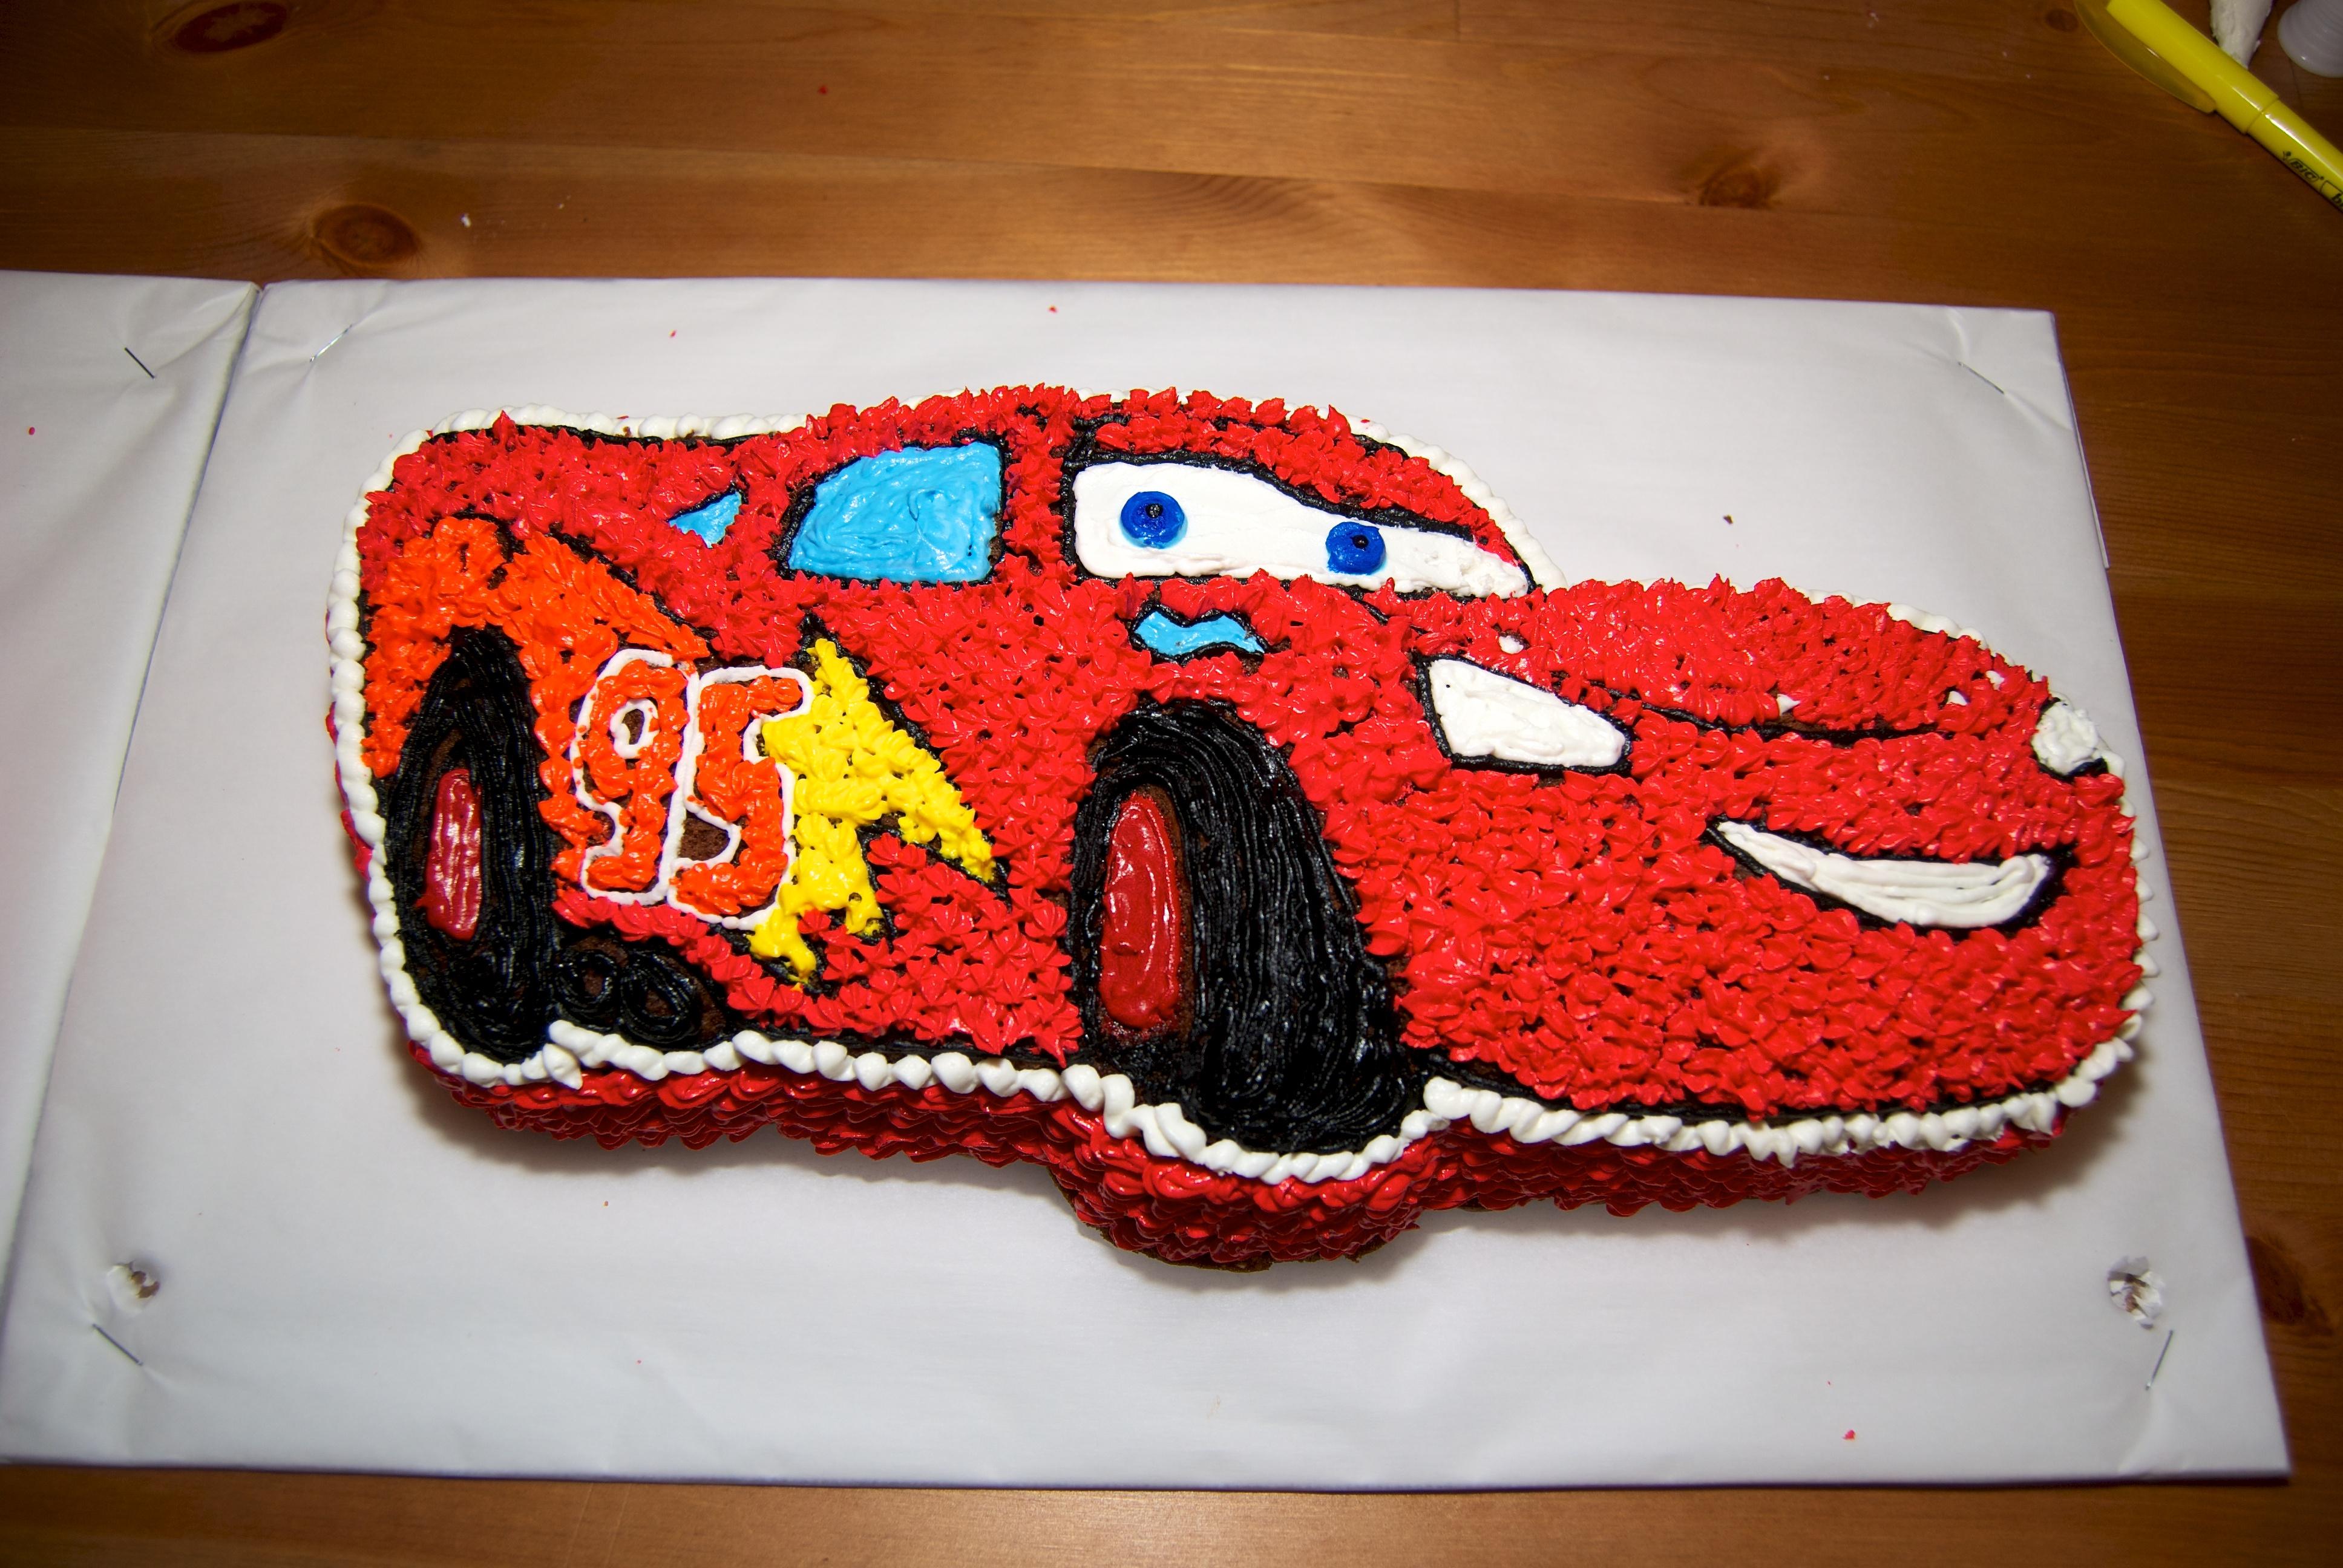 Novelty Cake PanLightning McQueen mumusaifujacomLightning